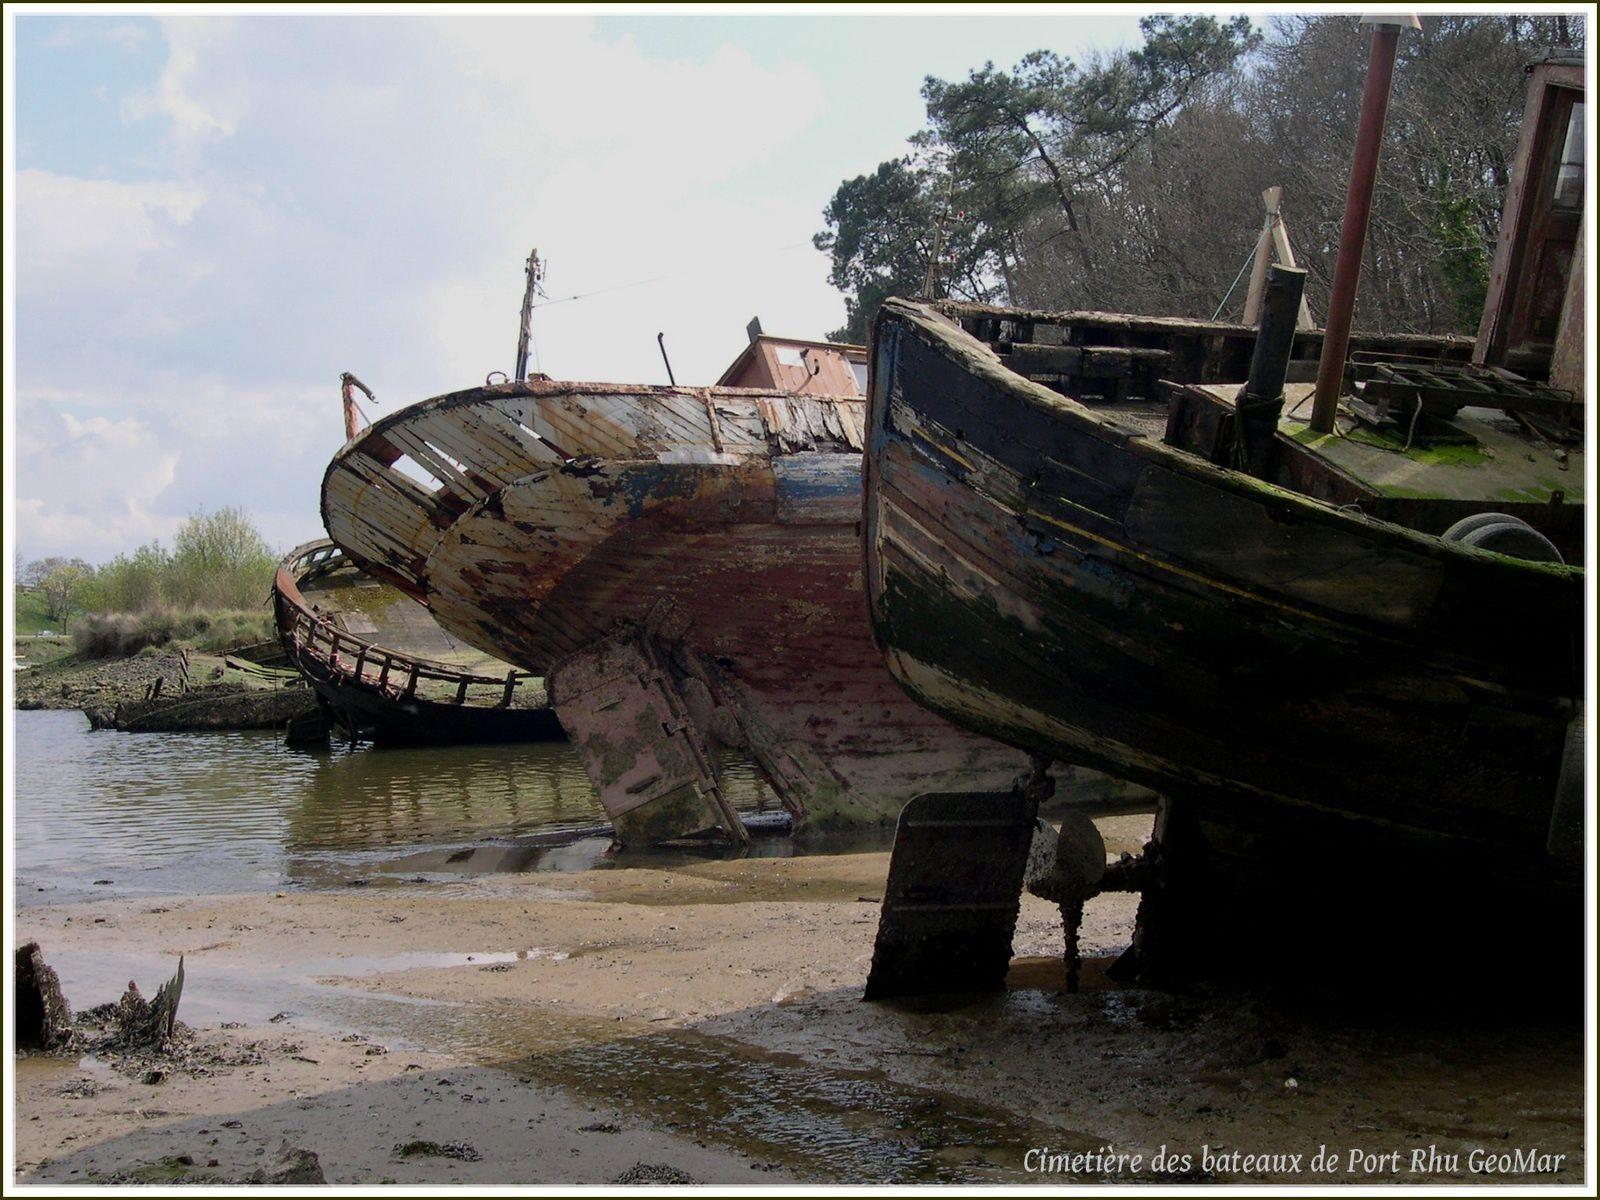 Poupes ou arrières de bateau en cul de poule ainsi que norvégien en premier plan...